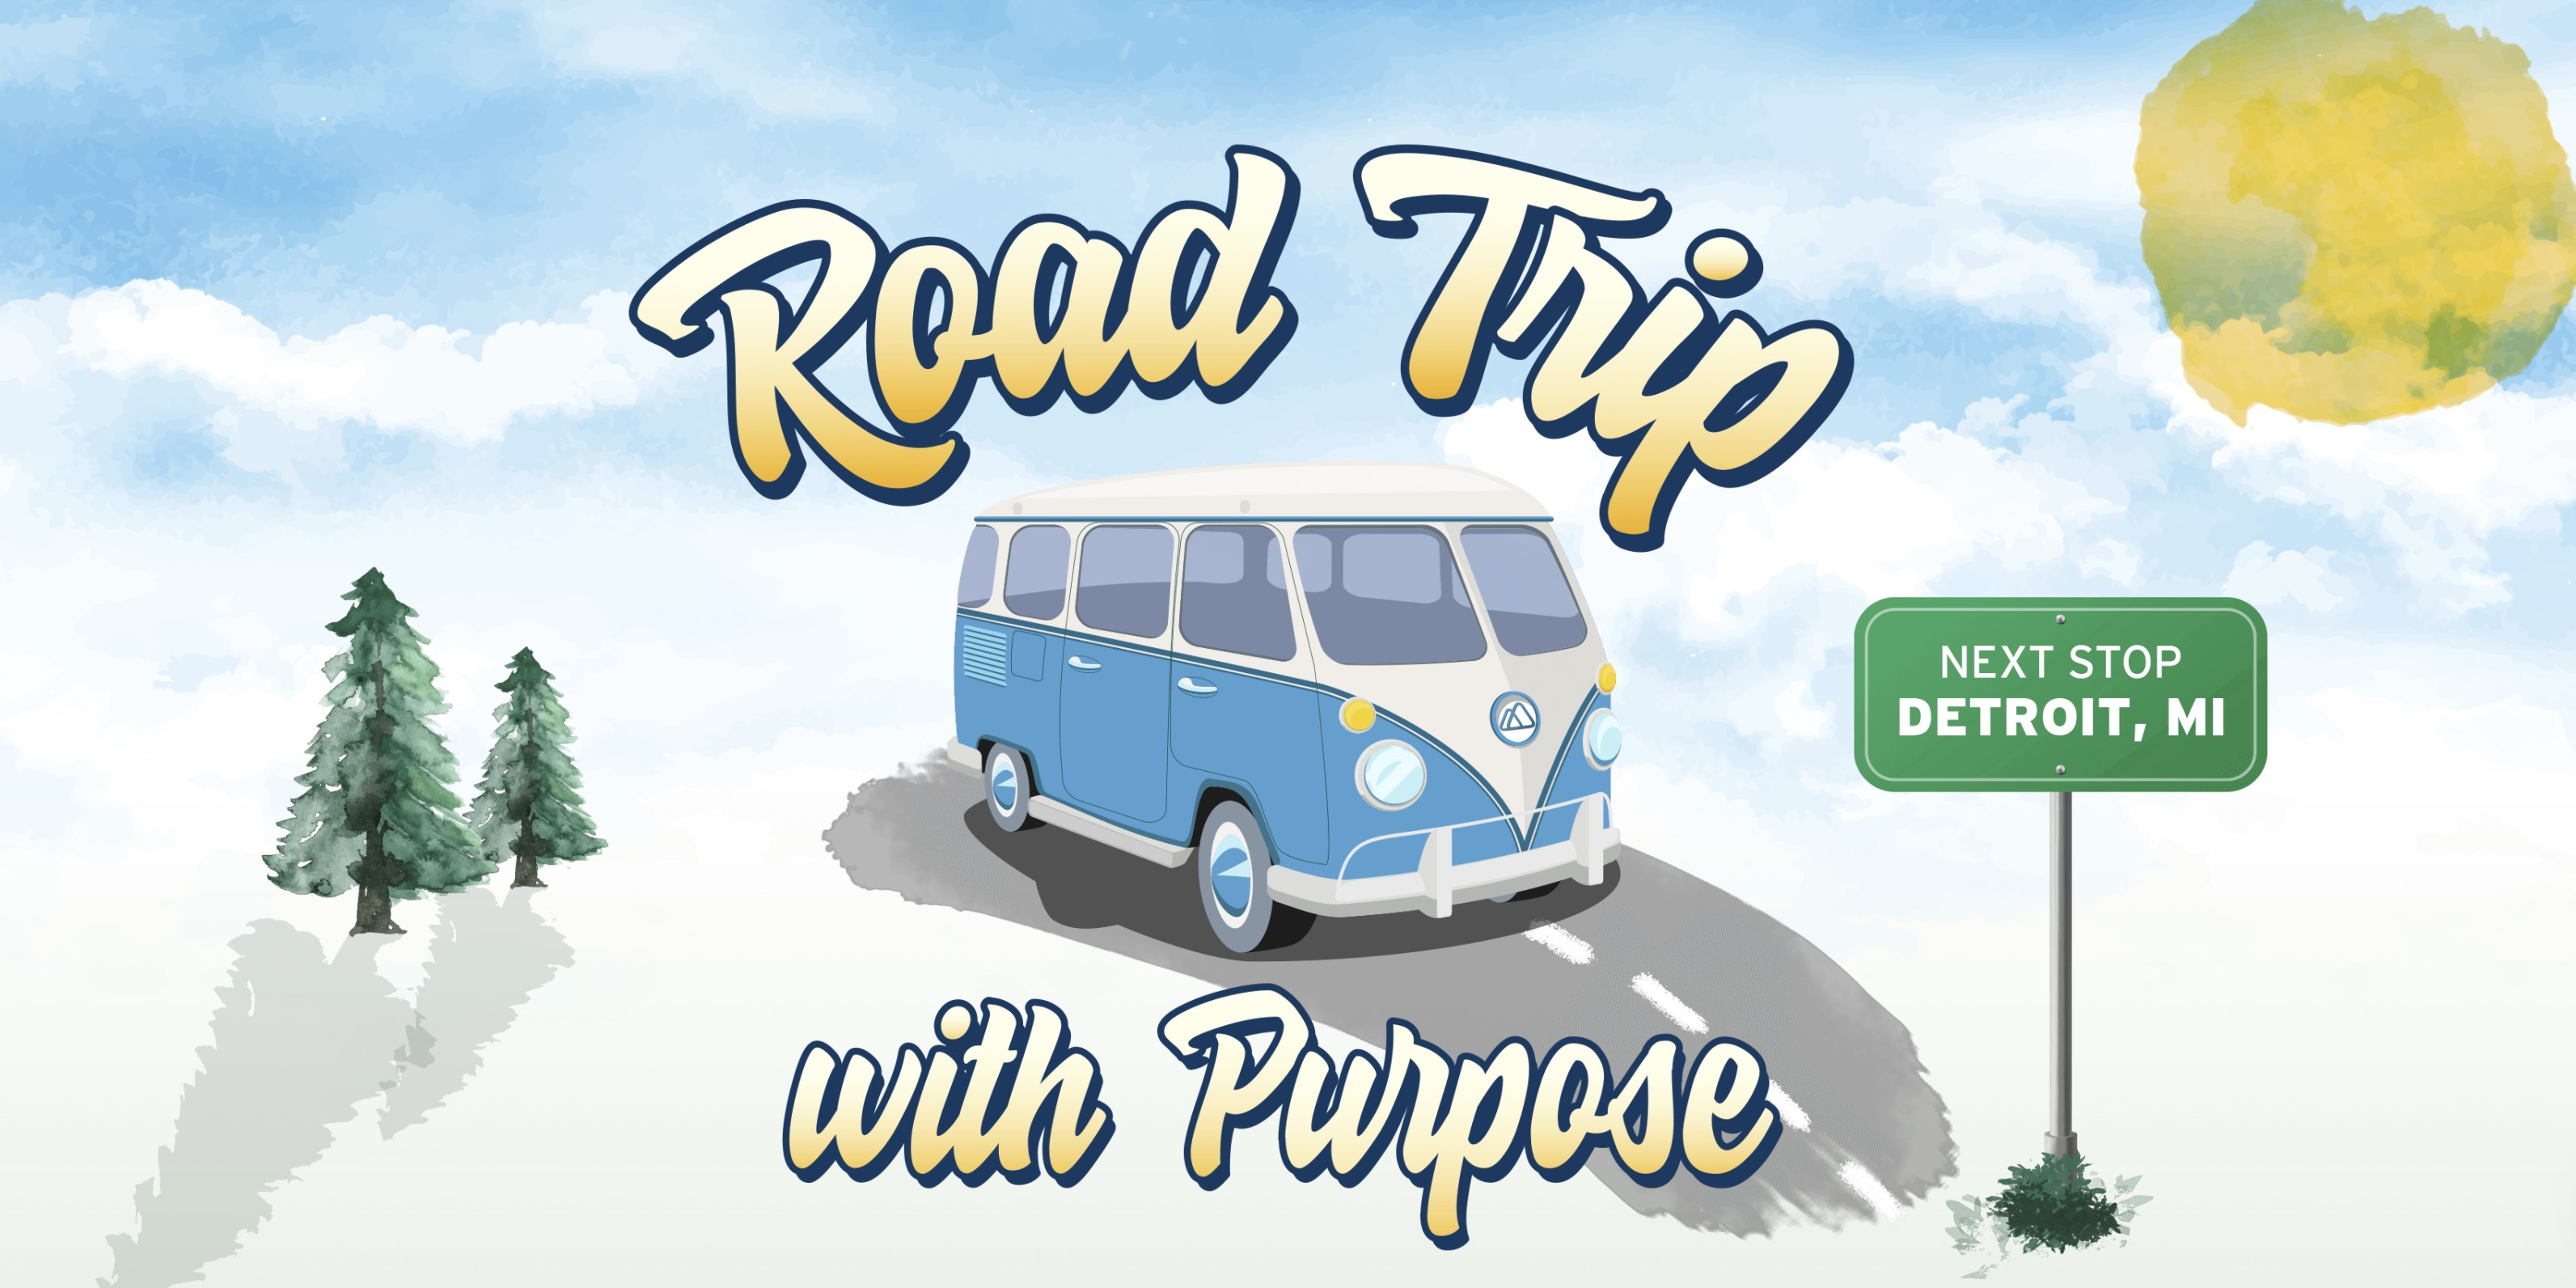 Road Trip With Purpose: 1,000 jobs. 1,000 jobseekers. 1,000 miles.